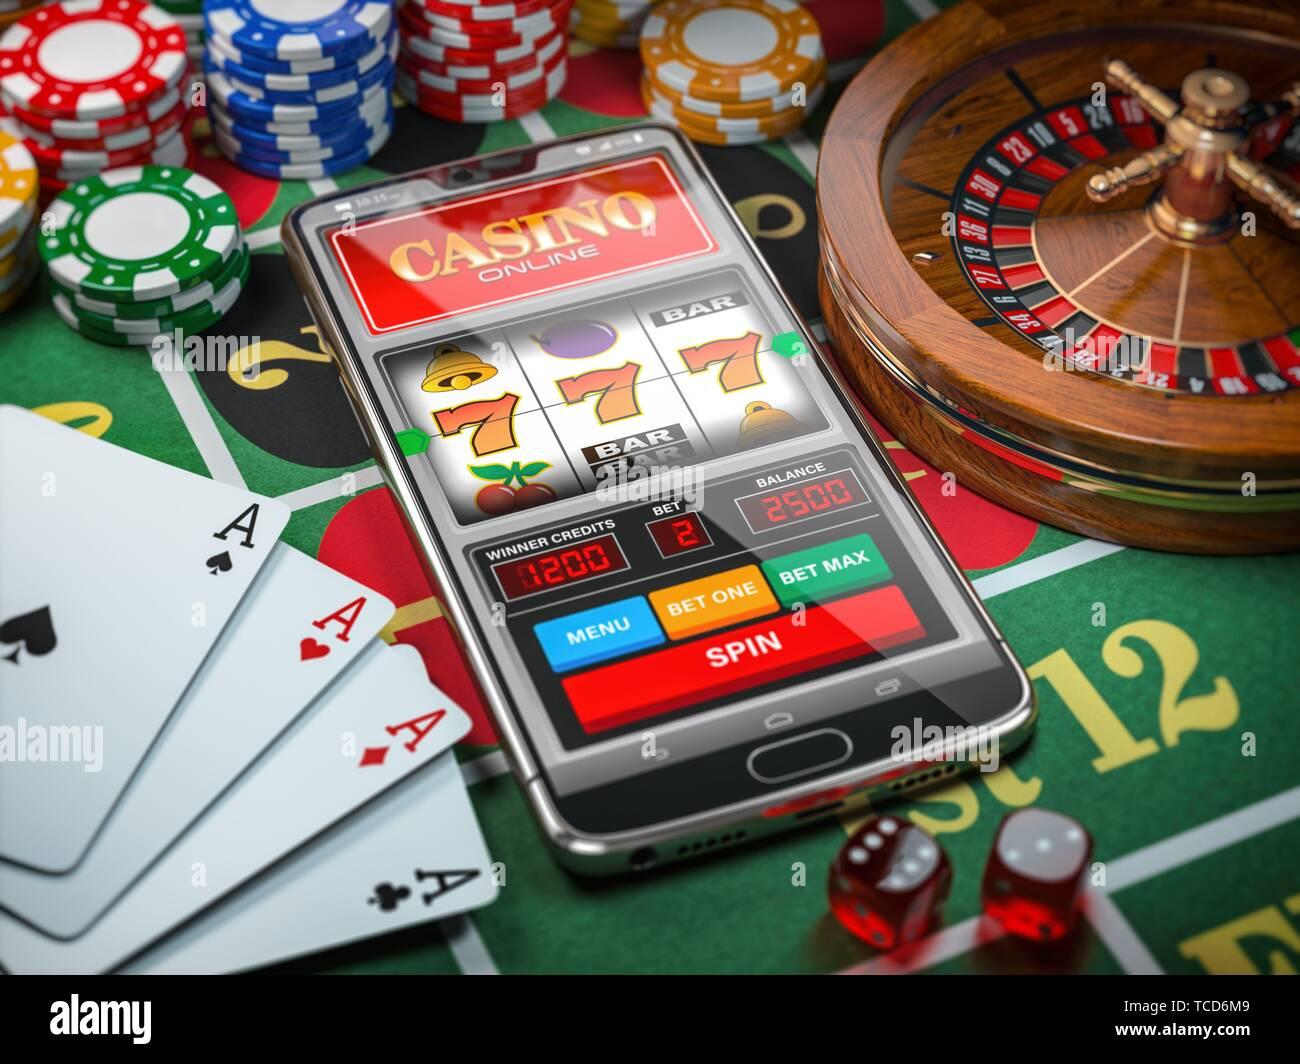 Картинки на телефон казино играть грин карту сша